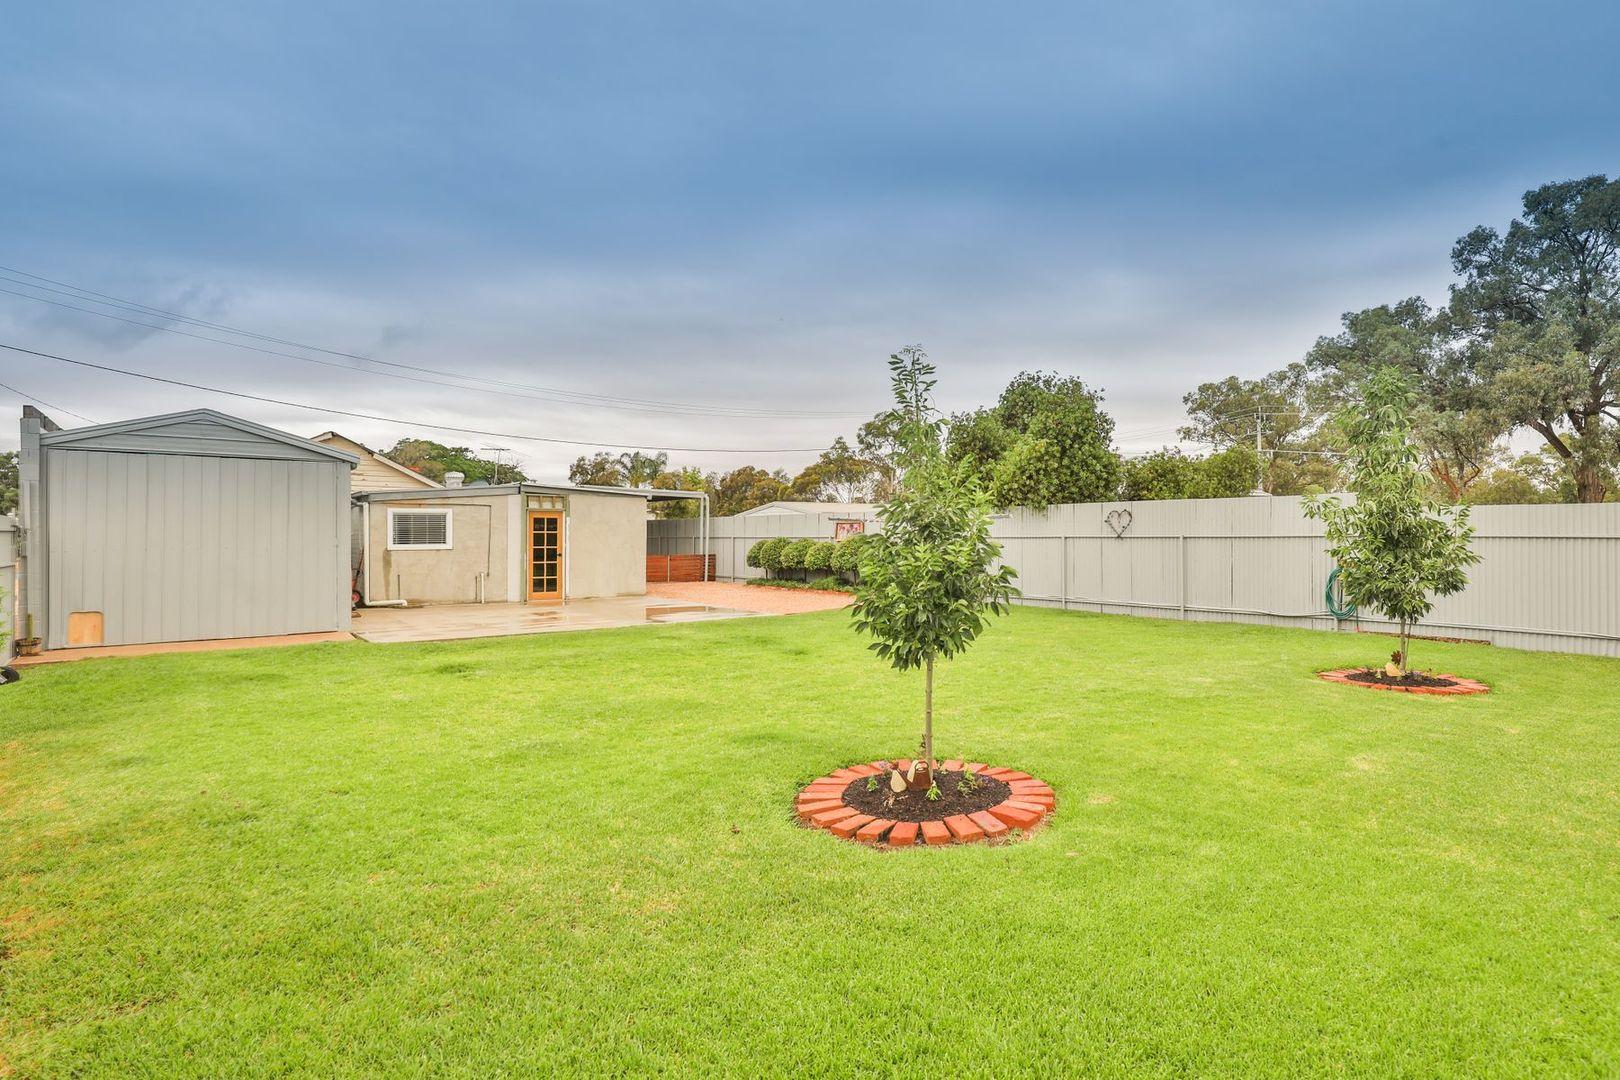 13 Gunn Street, Wentworth NSW 2648, Image 2